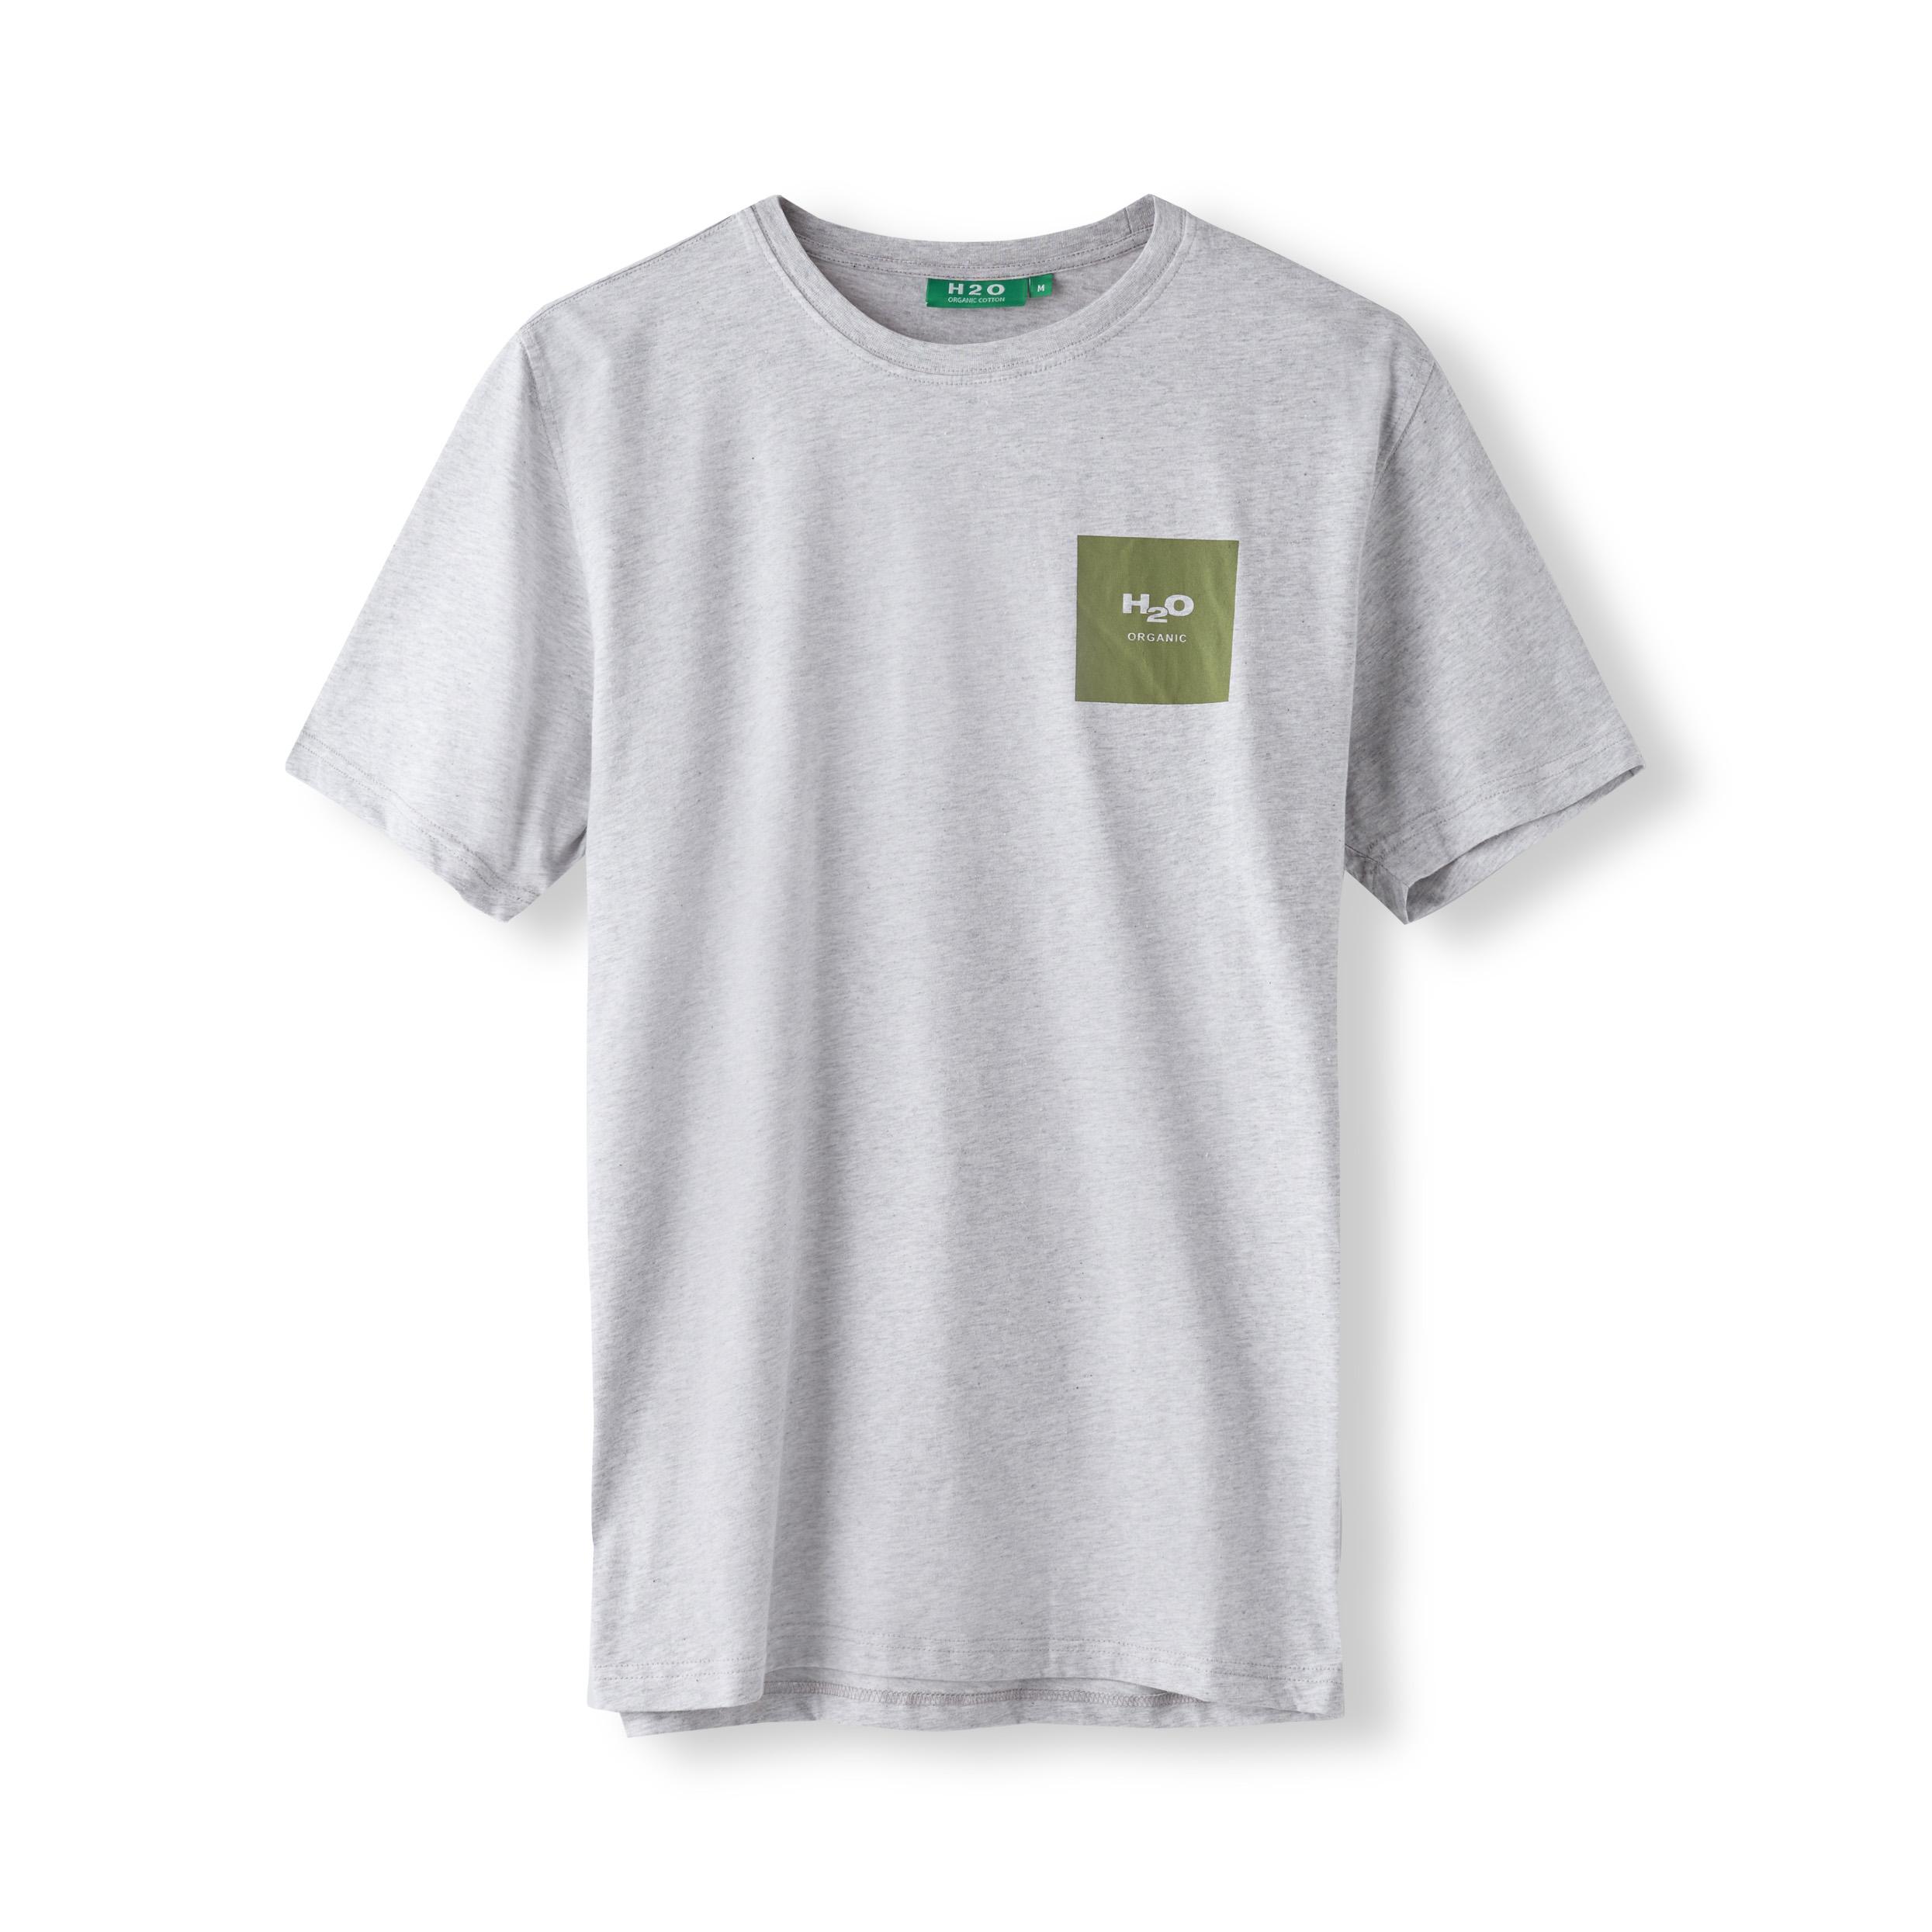 H2O Lyø t-shirt